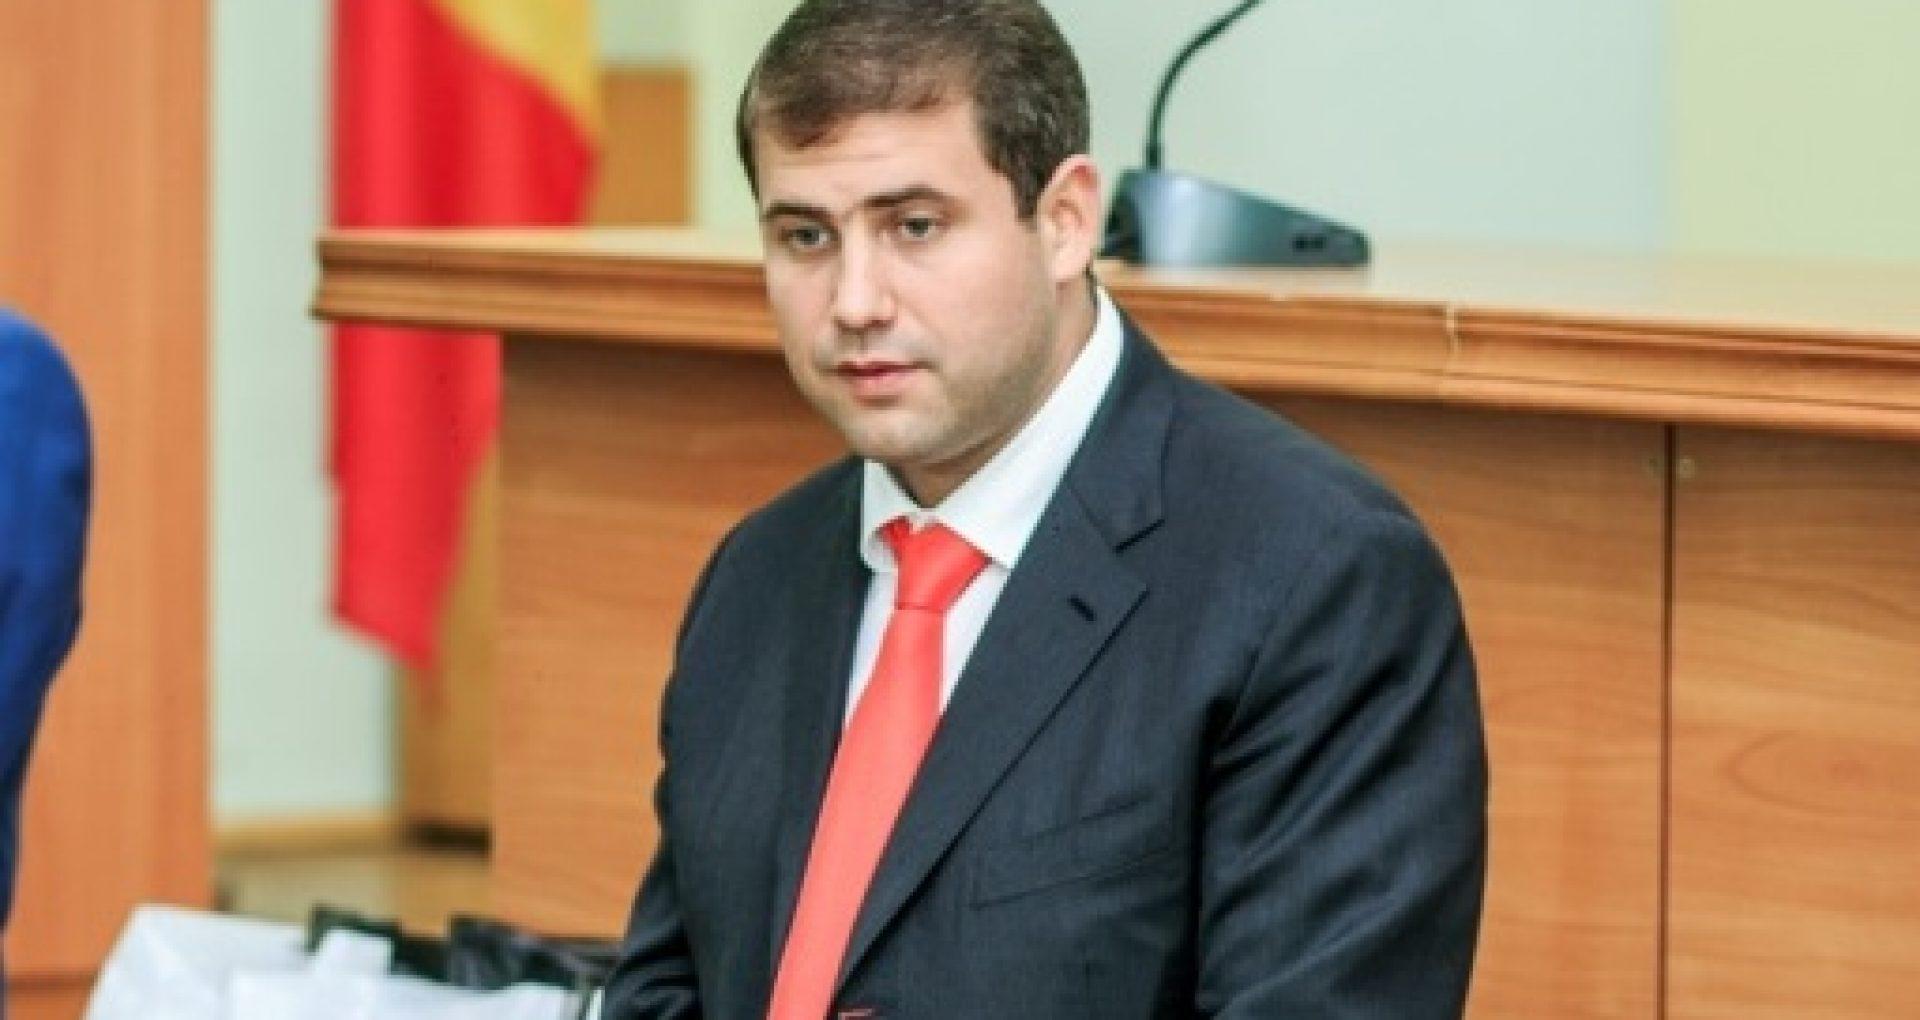 O nouă ședință de judecată în dosarul Șor a fost amânată. Curtea Constituțională, sesizată, din nou, de avocați